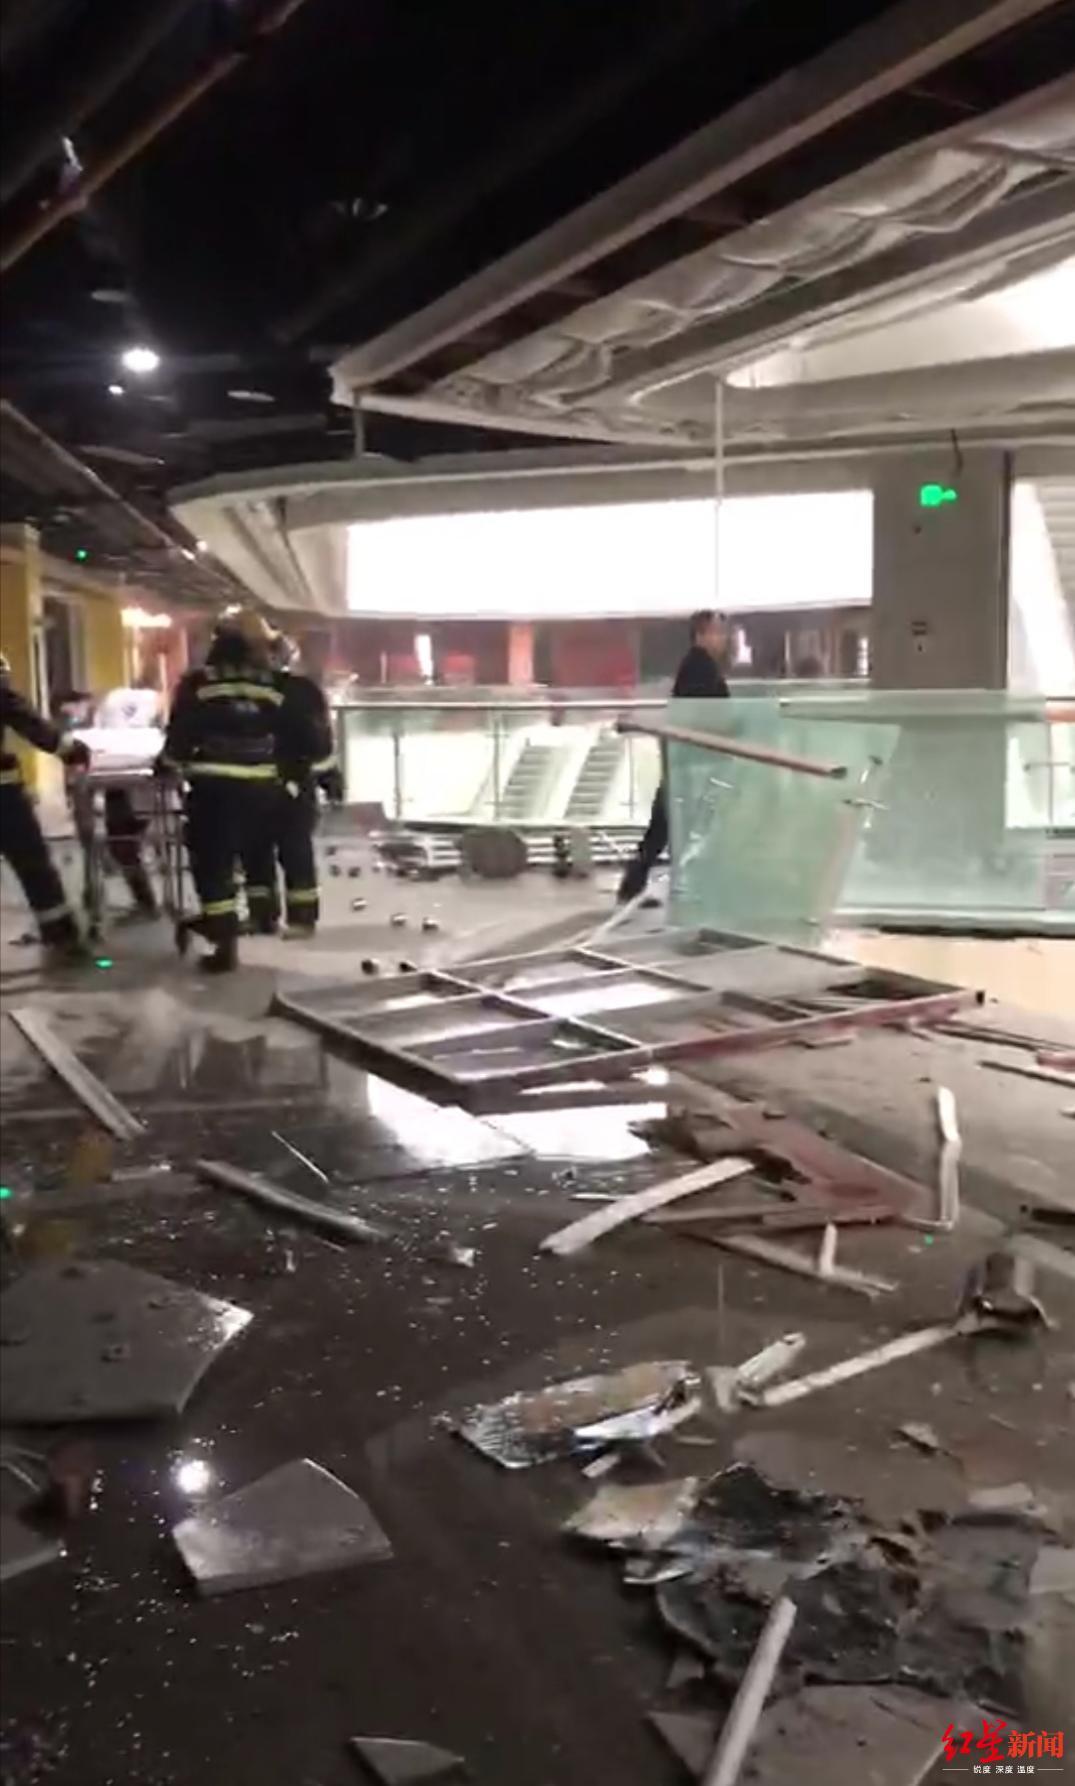 美食街区开业前两天遇爆炸事故经营者称投资千万仅获90万补偿